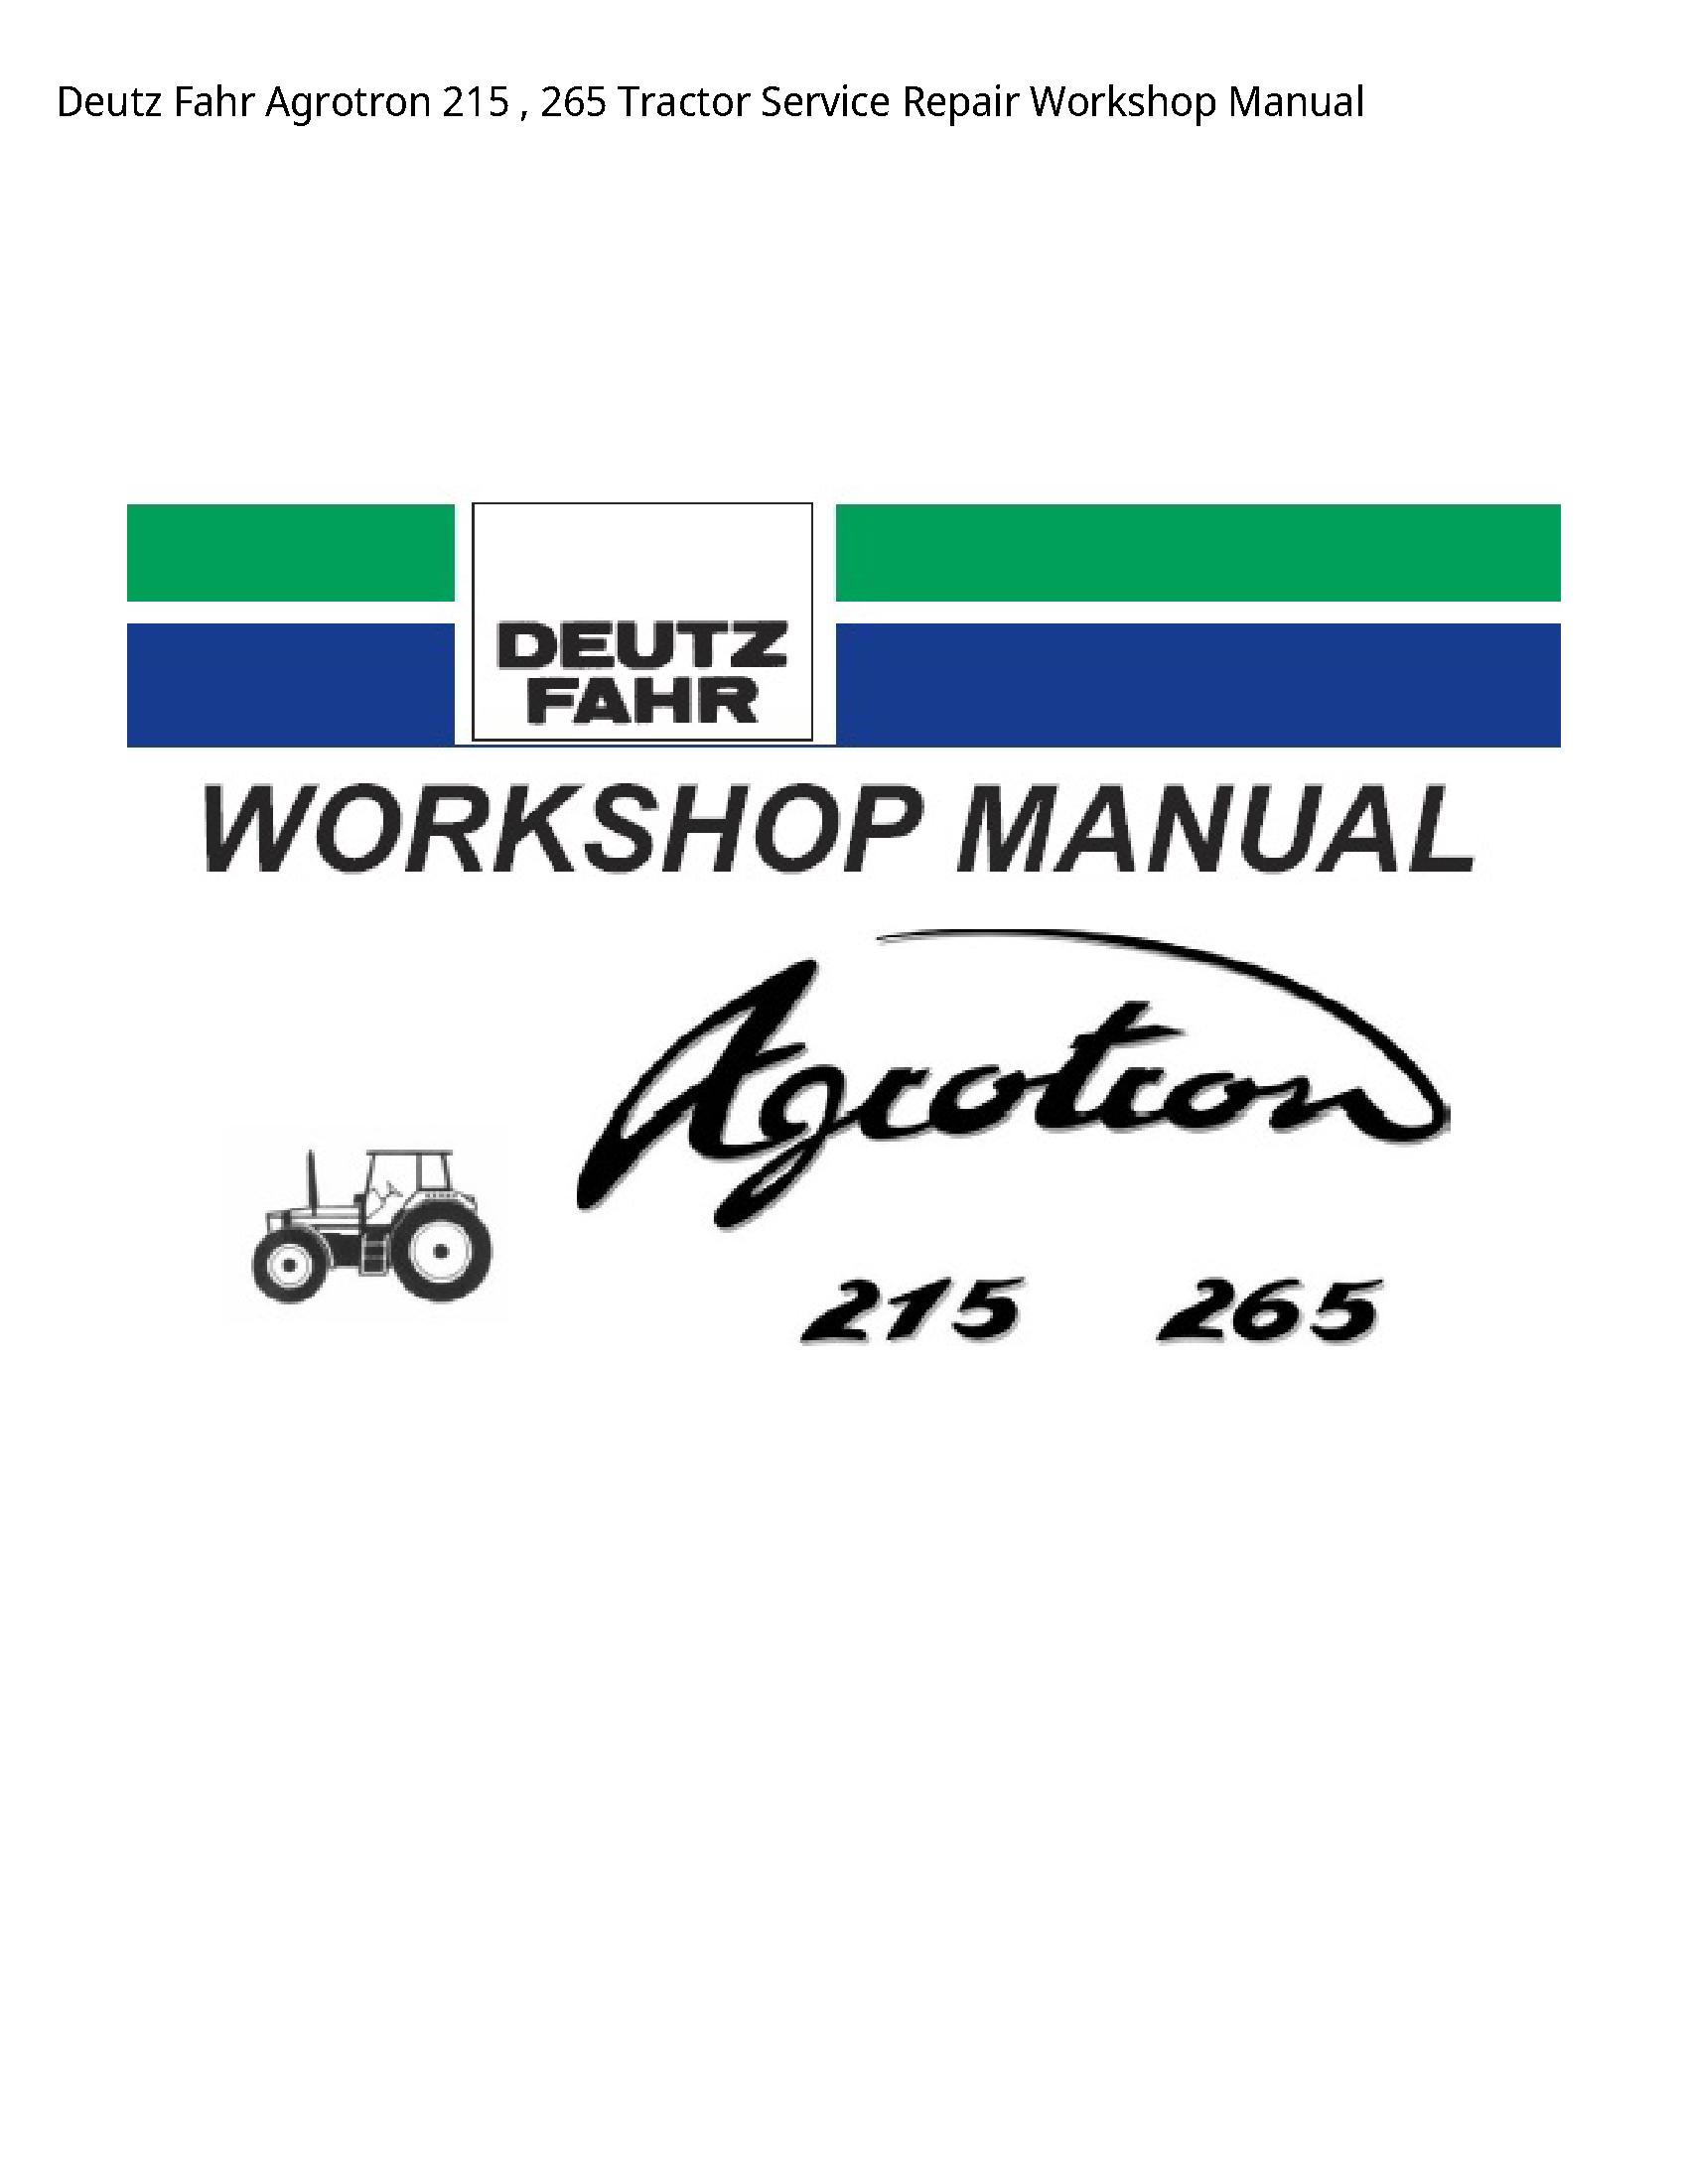 Deutz 215 Fahr Agrotron Tractor manual